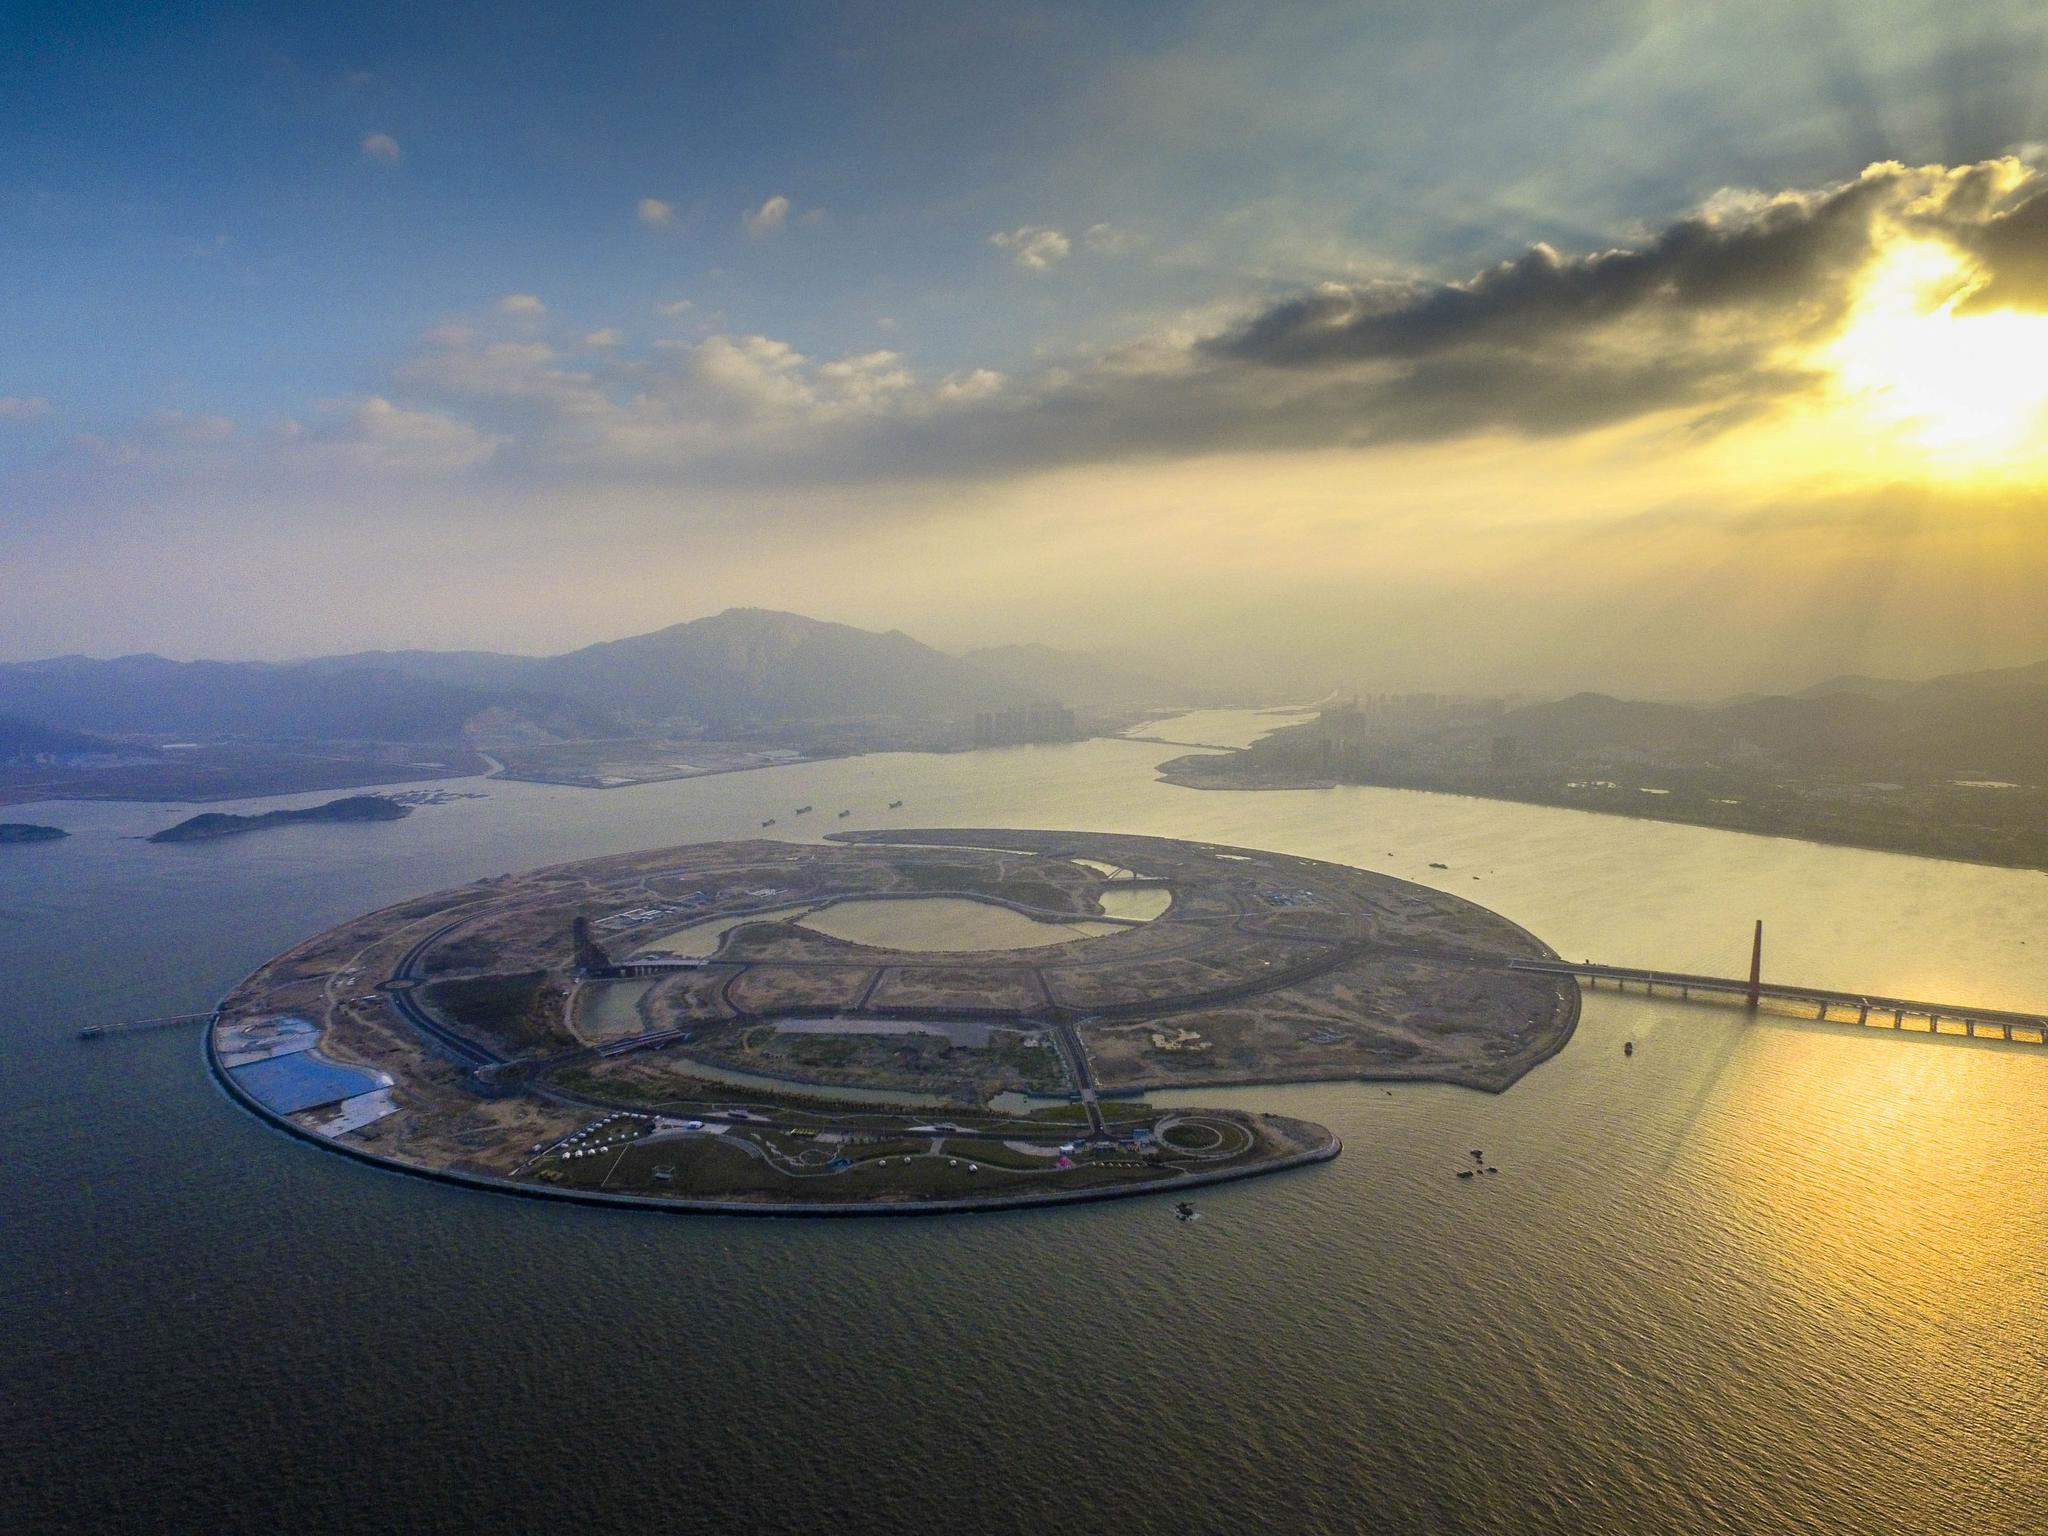 双鱼岛及海梦湾景区,黄金海岸公园,南炮台,静湖公园,南滨大道,龙湖